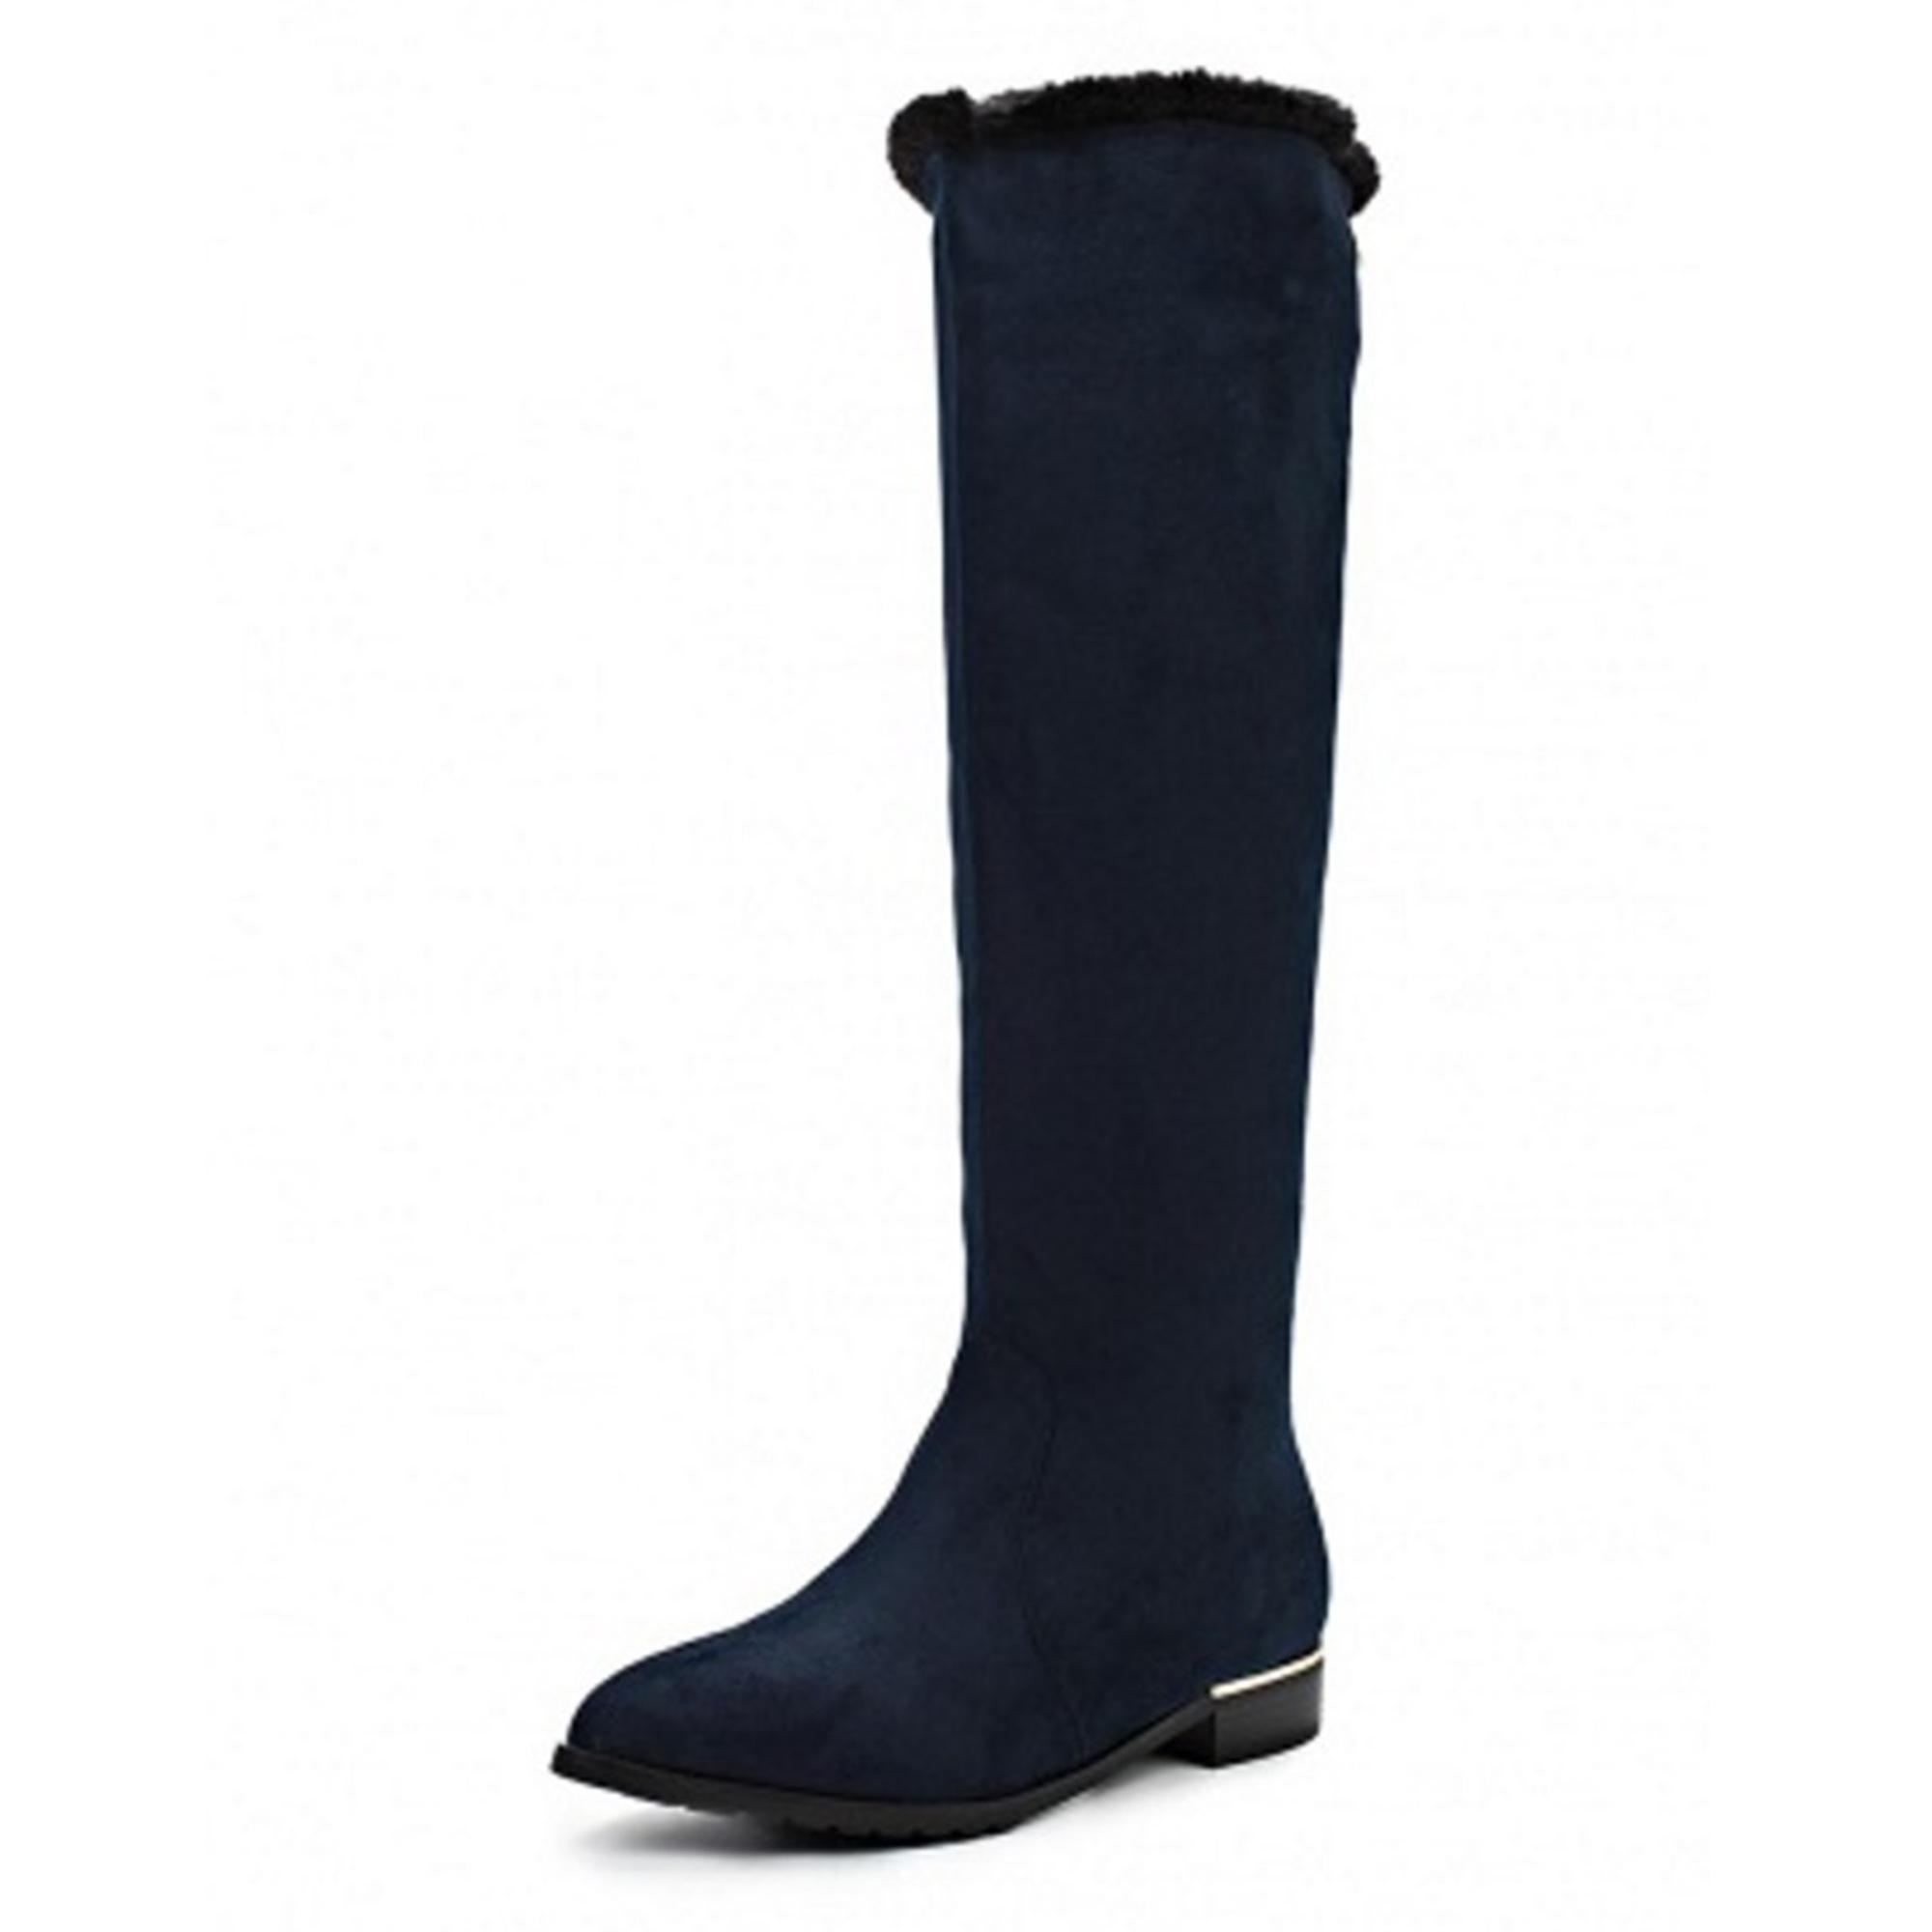 Элегантные женские зимние сапожки на низком каблуке